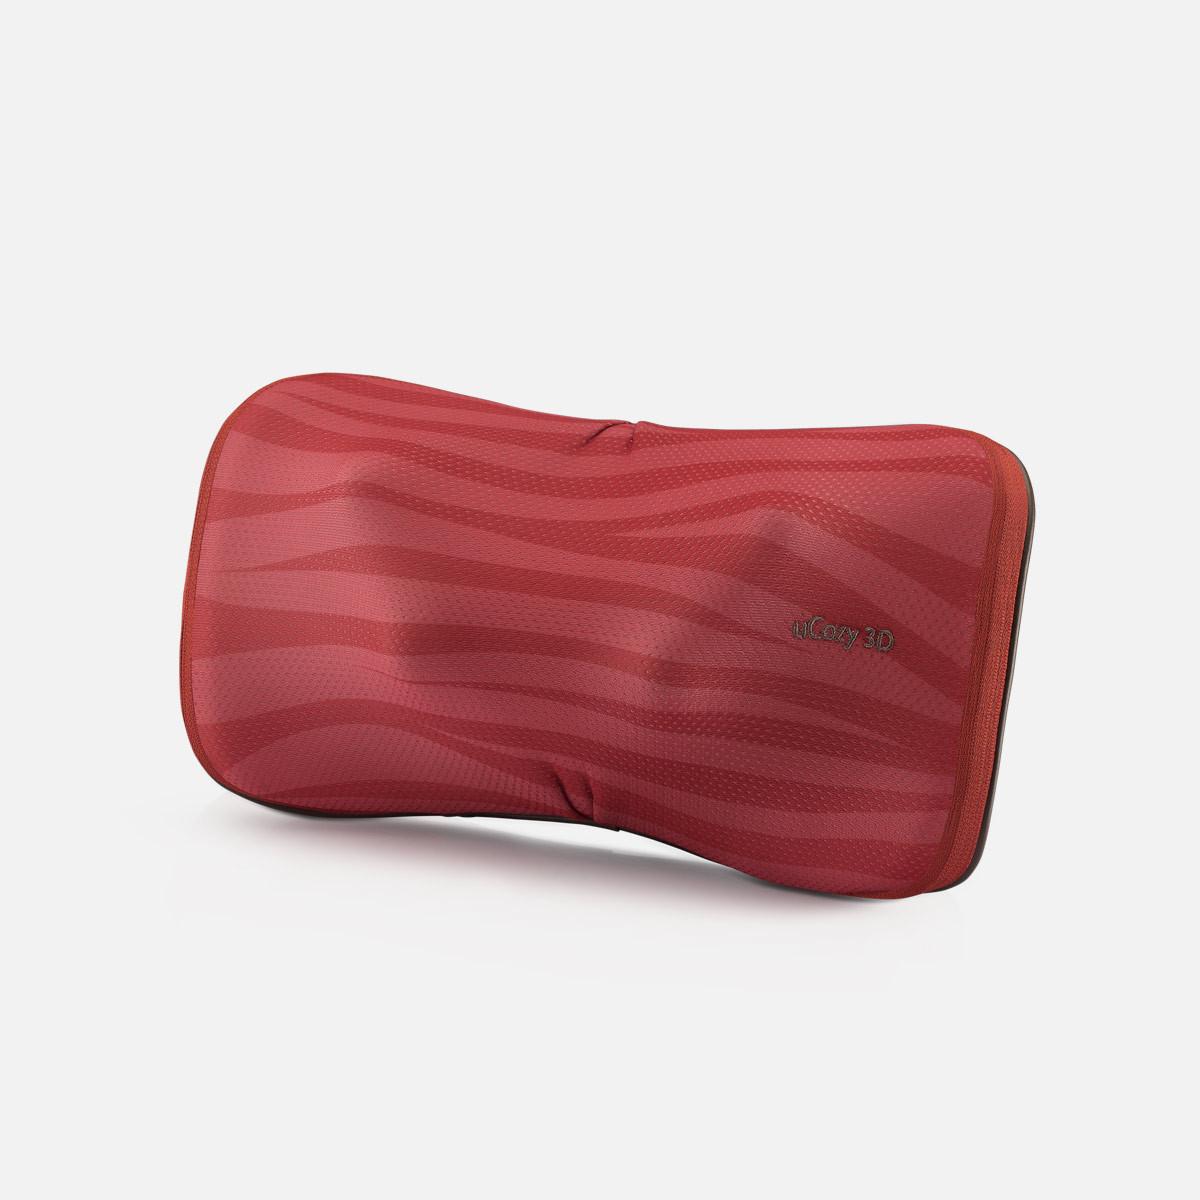 เครื่องนวดคอ uCozy 3D (Stripes)